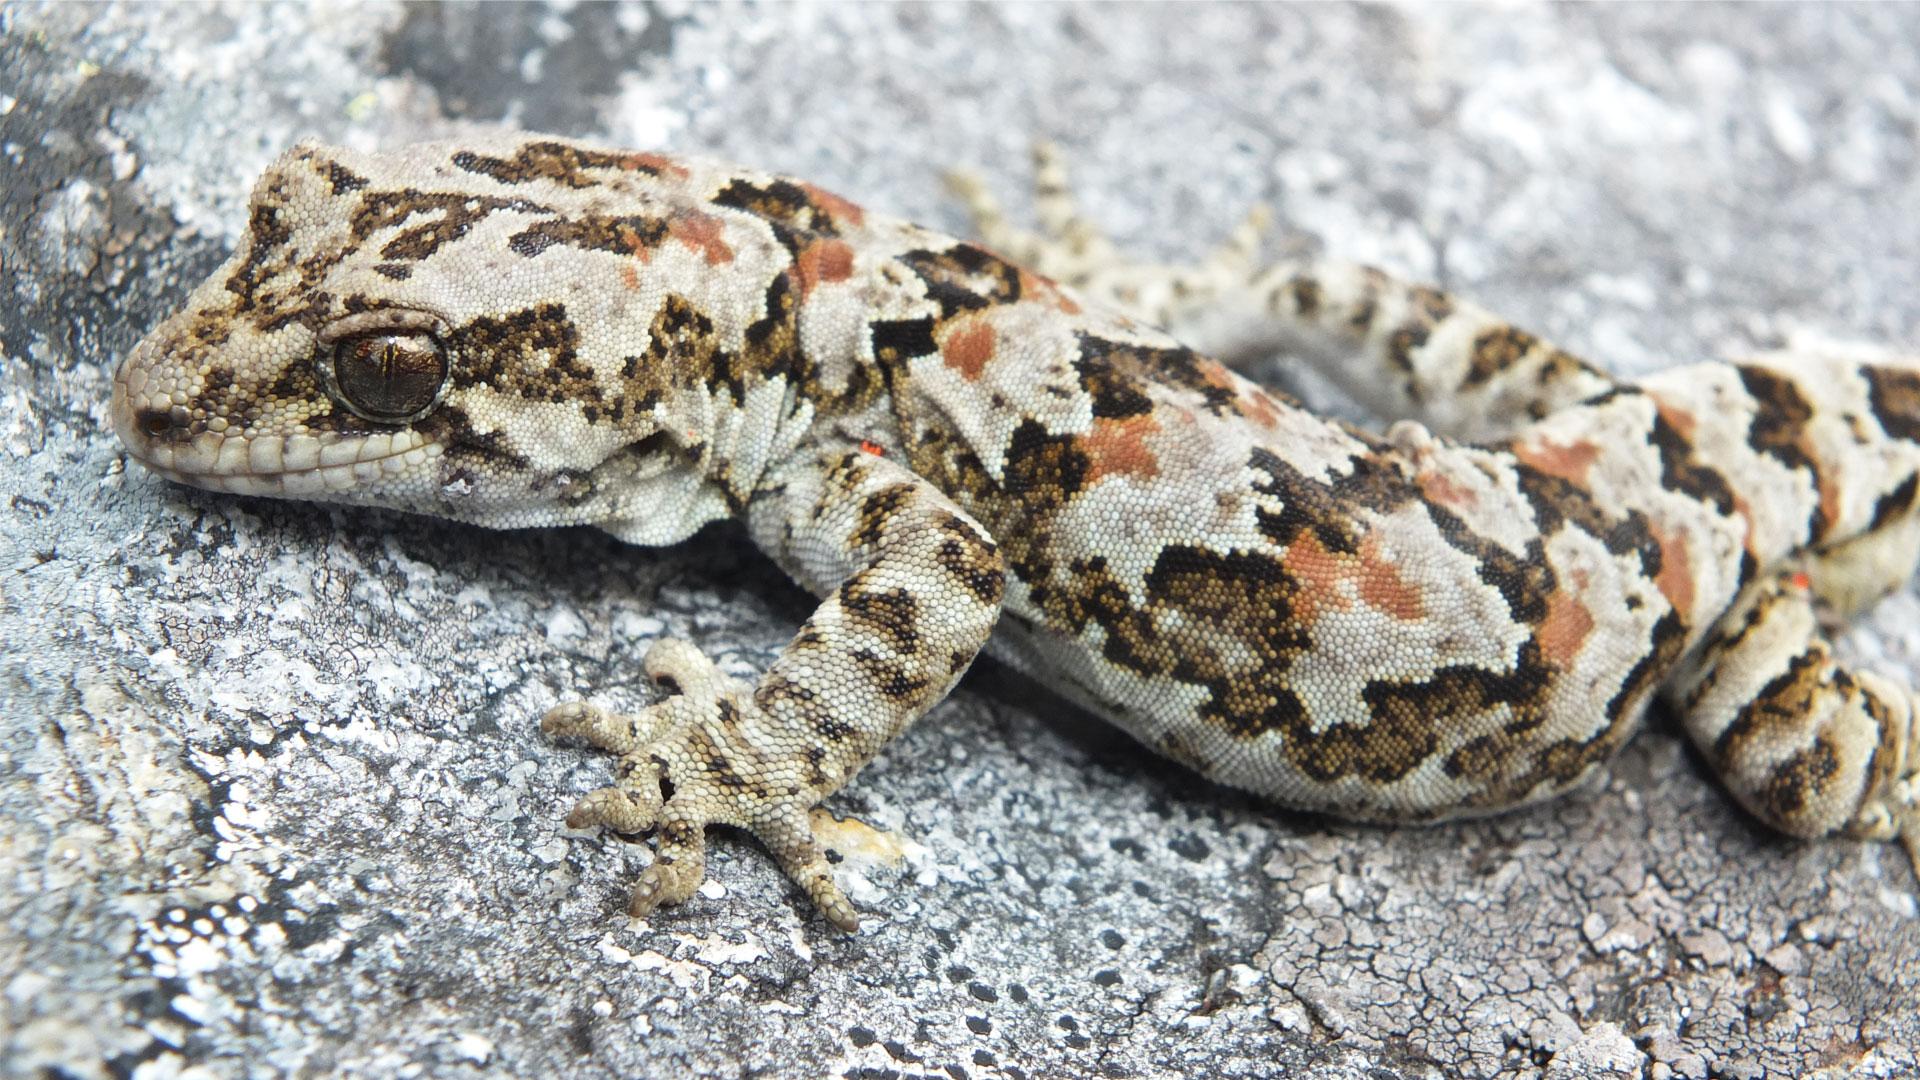 https://rfacdn.nz/zoo/assets/media/rough-gecko-gallery-4.jpg